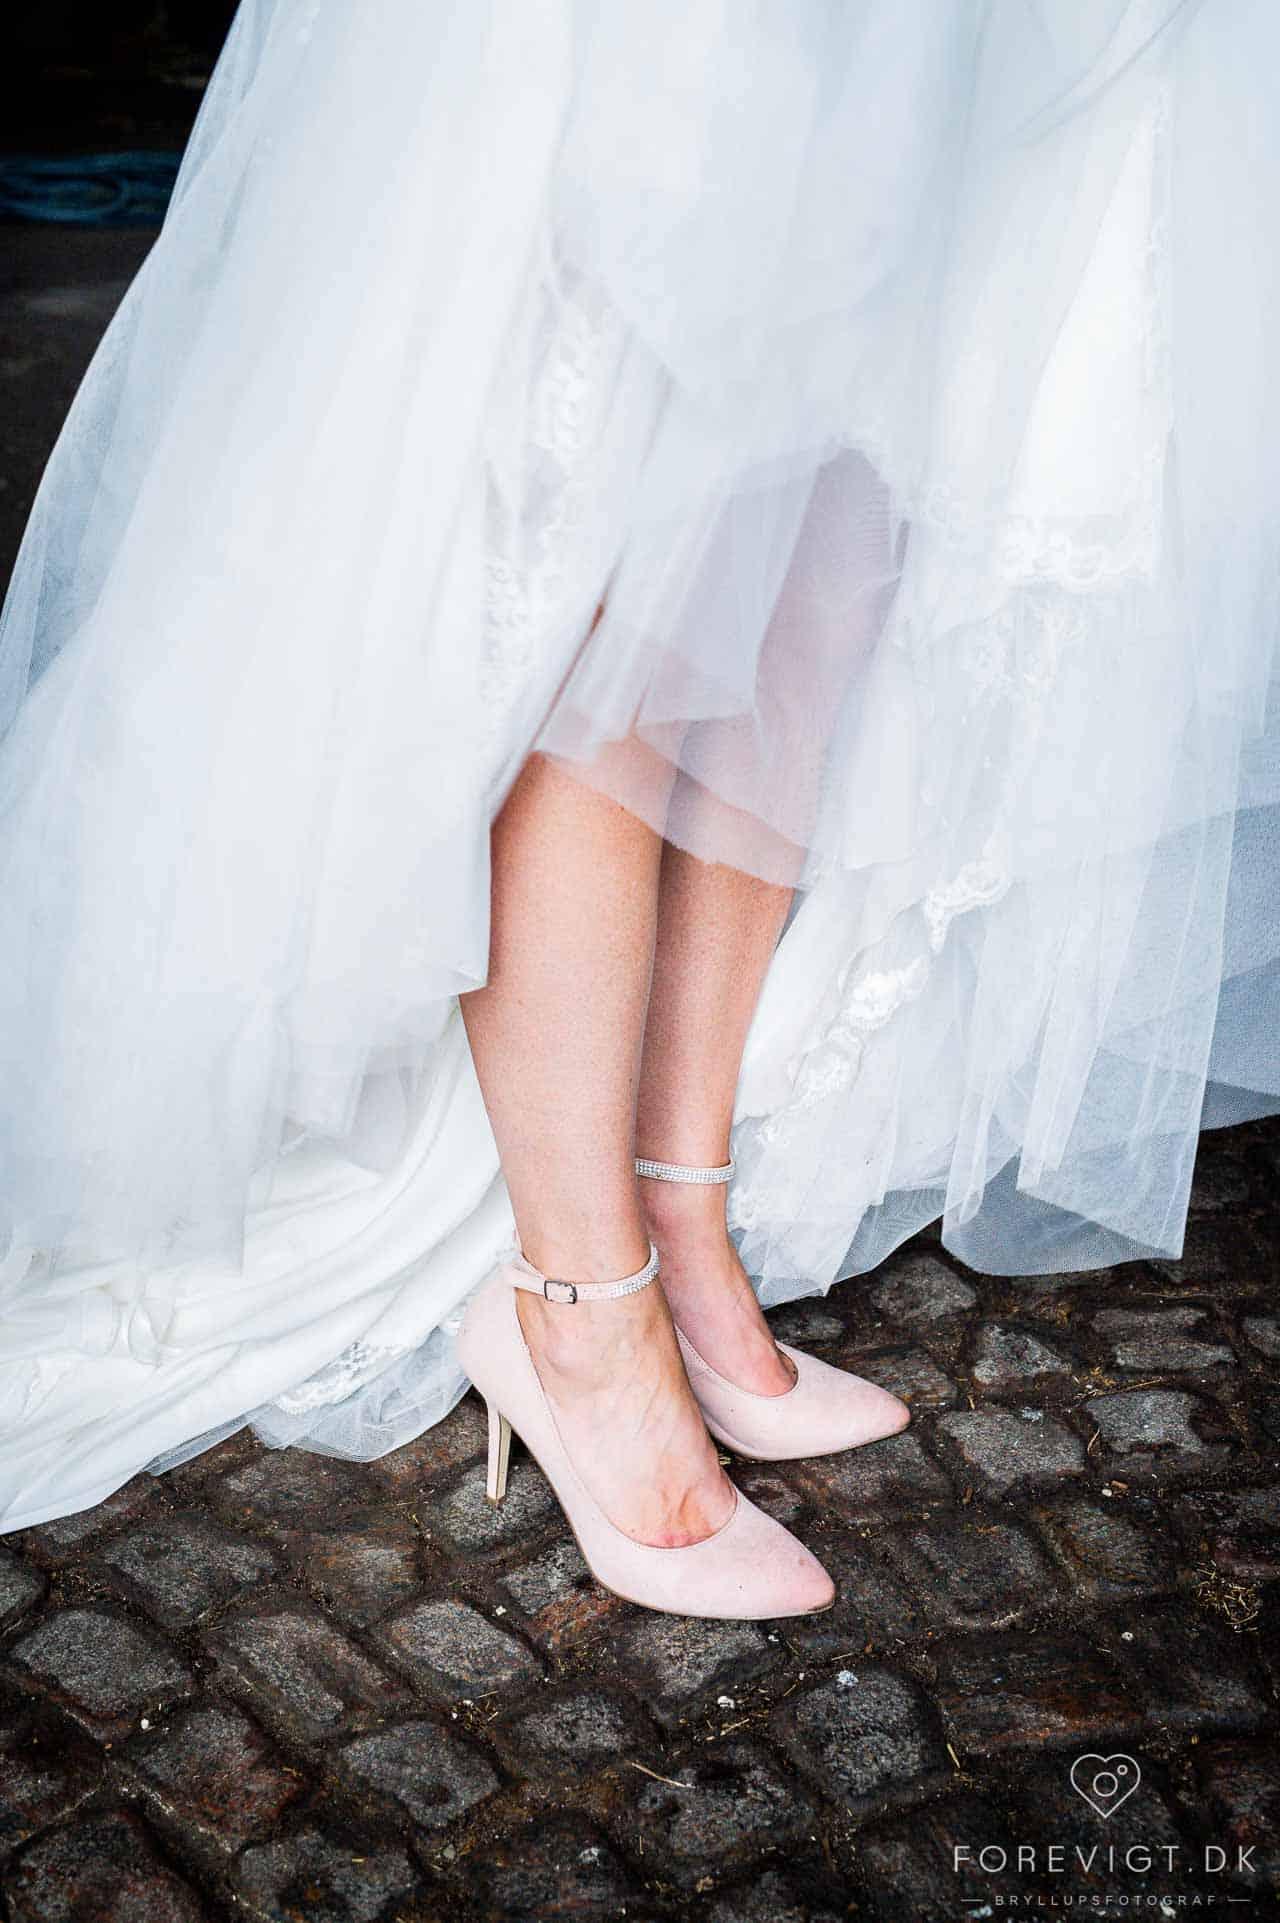 blanding af opstillede bryllupsportrætter men også en række mere naturlige bryllupsbilleder